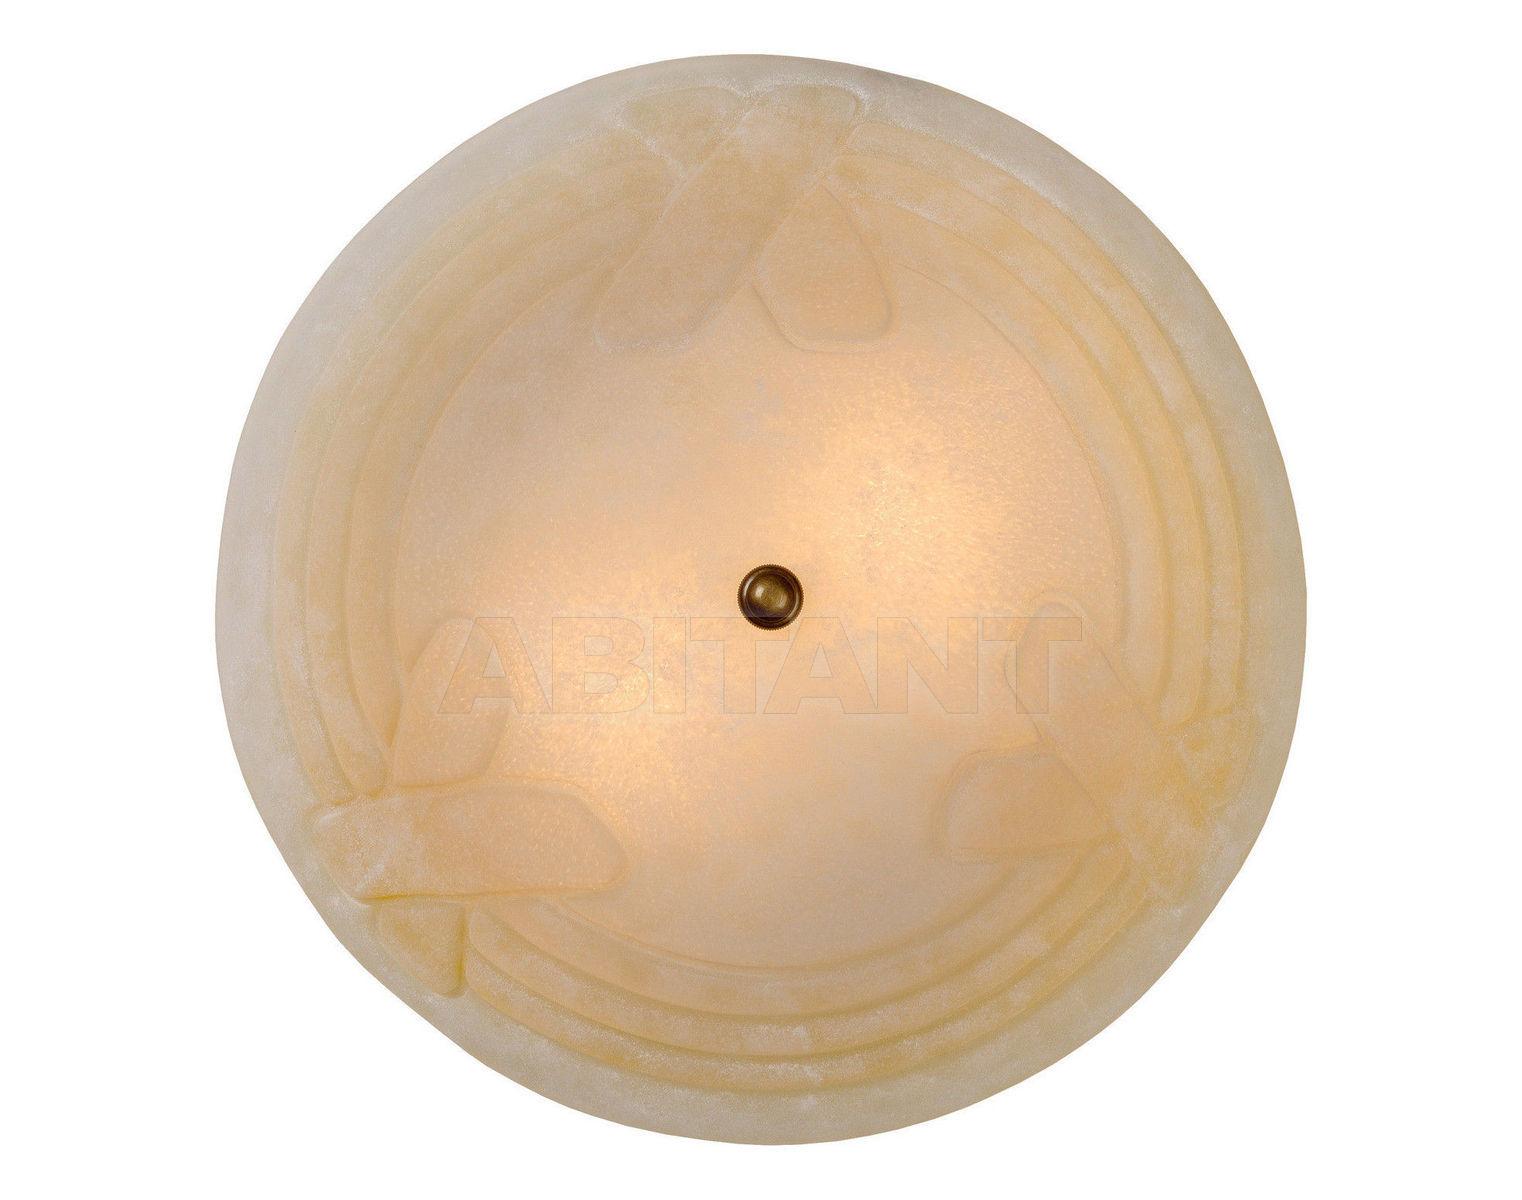 Купить Светильник ADIGE Lucide  Ceiling & Wall Lights 20117/40/38